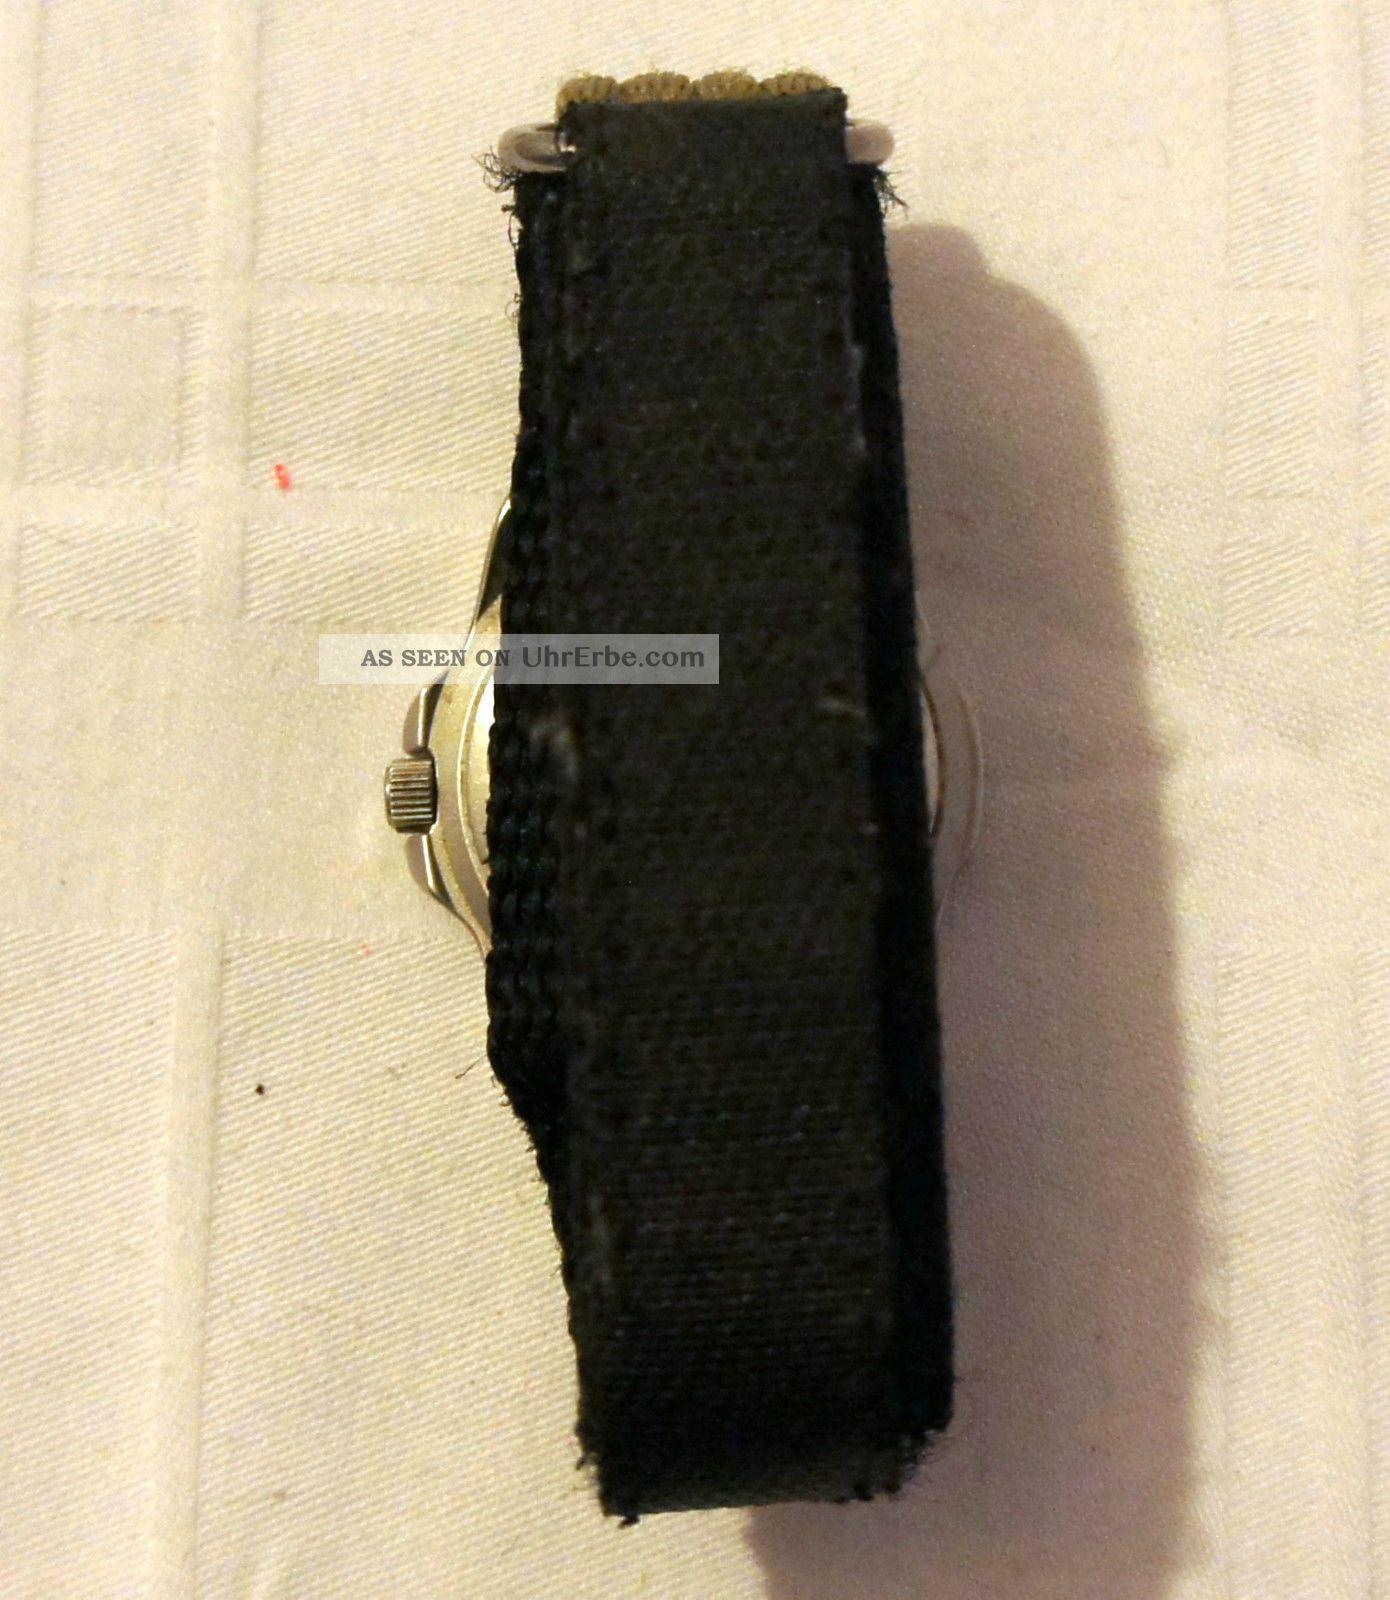 armbanduhr s oliver 100 meters wr armband stoff klettband. Black Bedroom Furniture Sets. Home Design Ideas